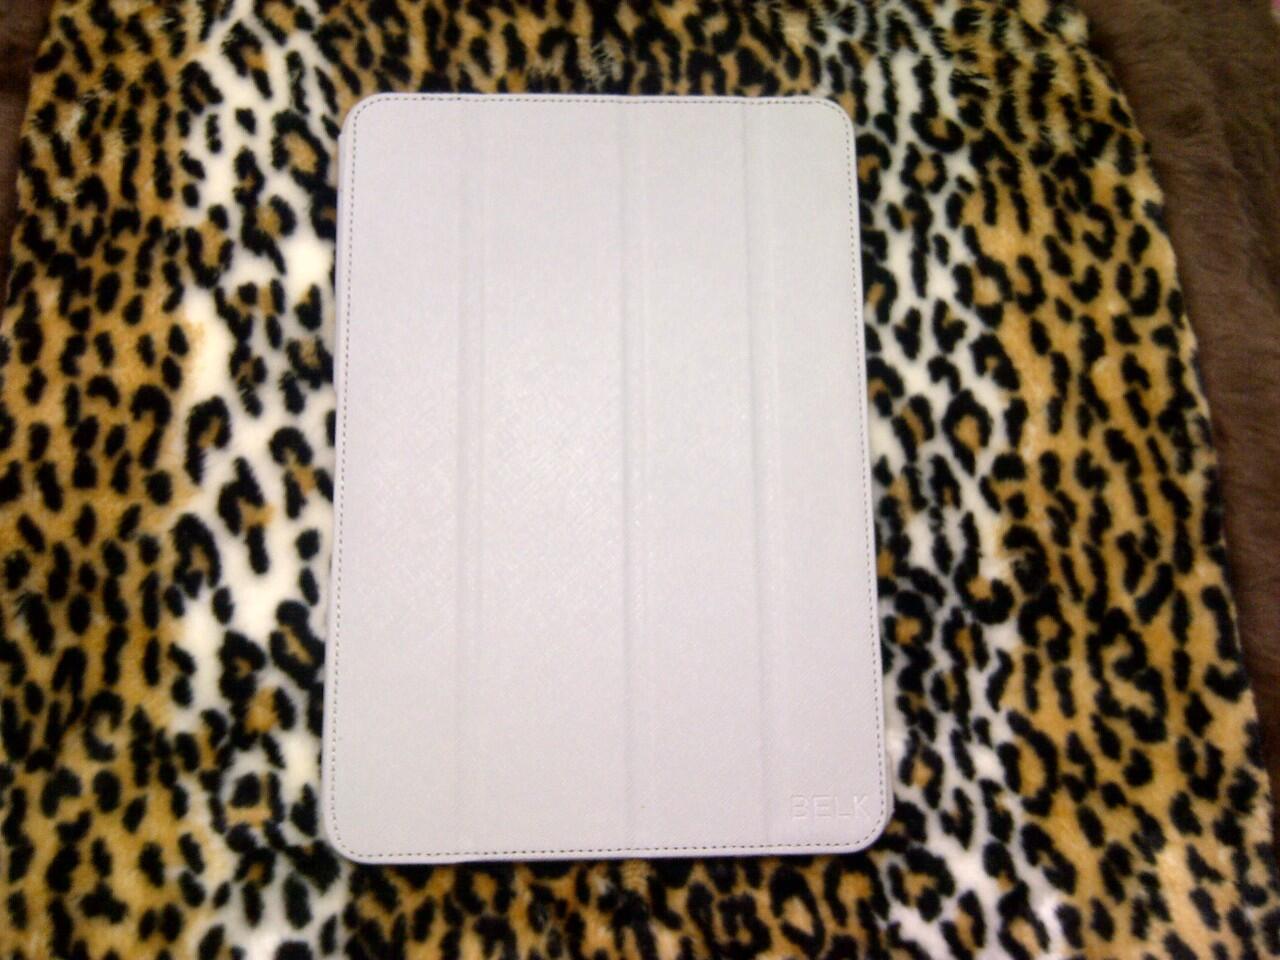 WTS samsung galaxy tab 2 10in white aka GT-P5100 white gar 11bln mulus bgt